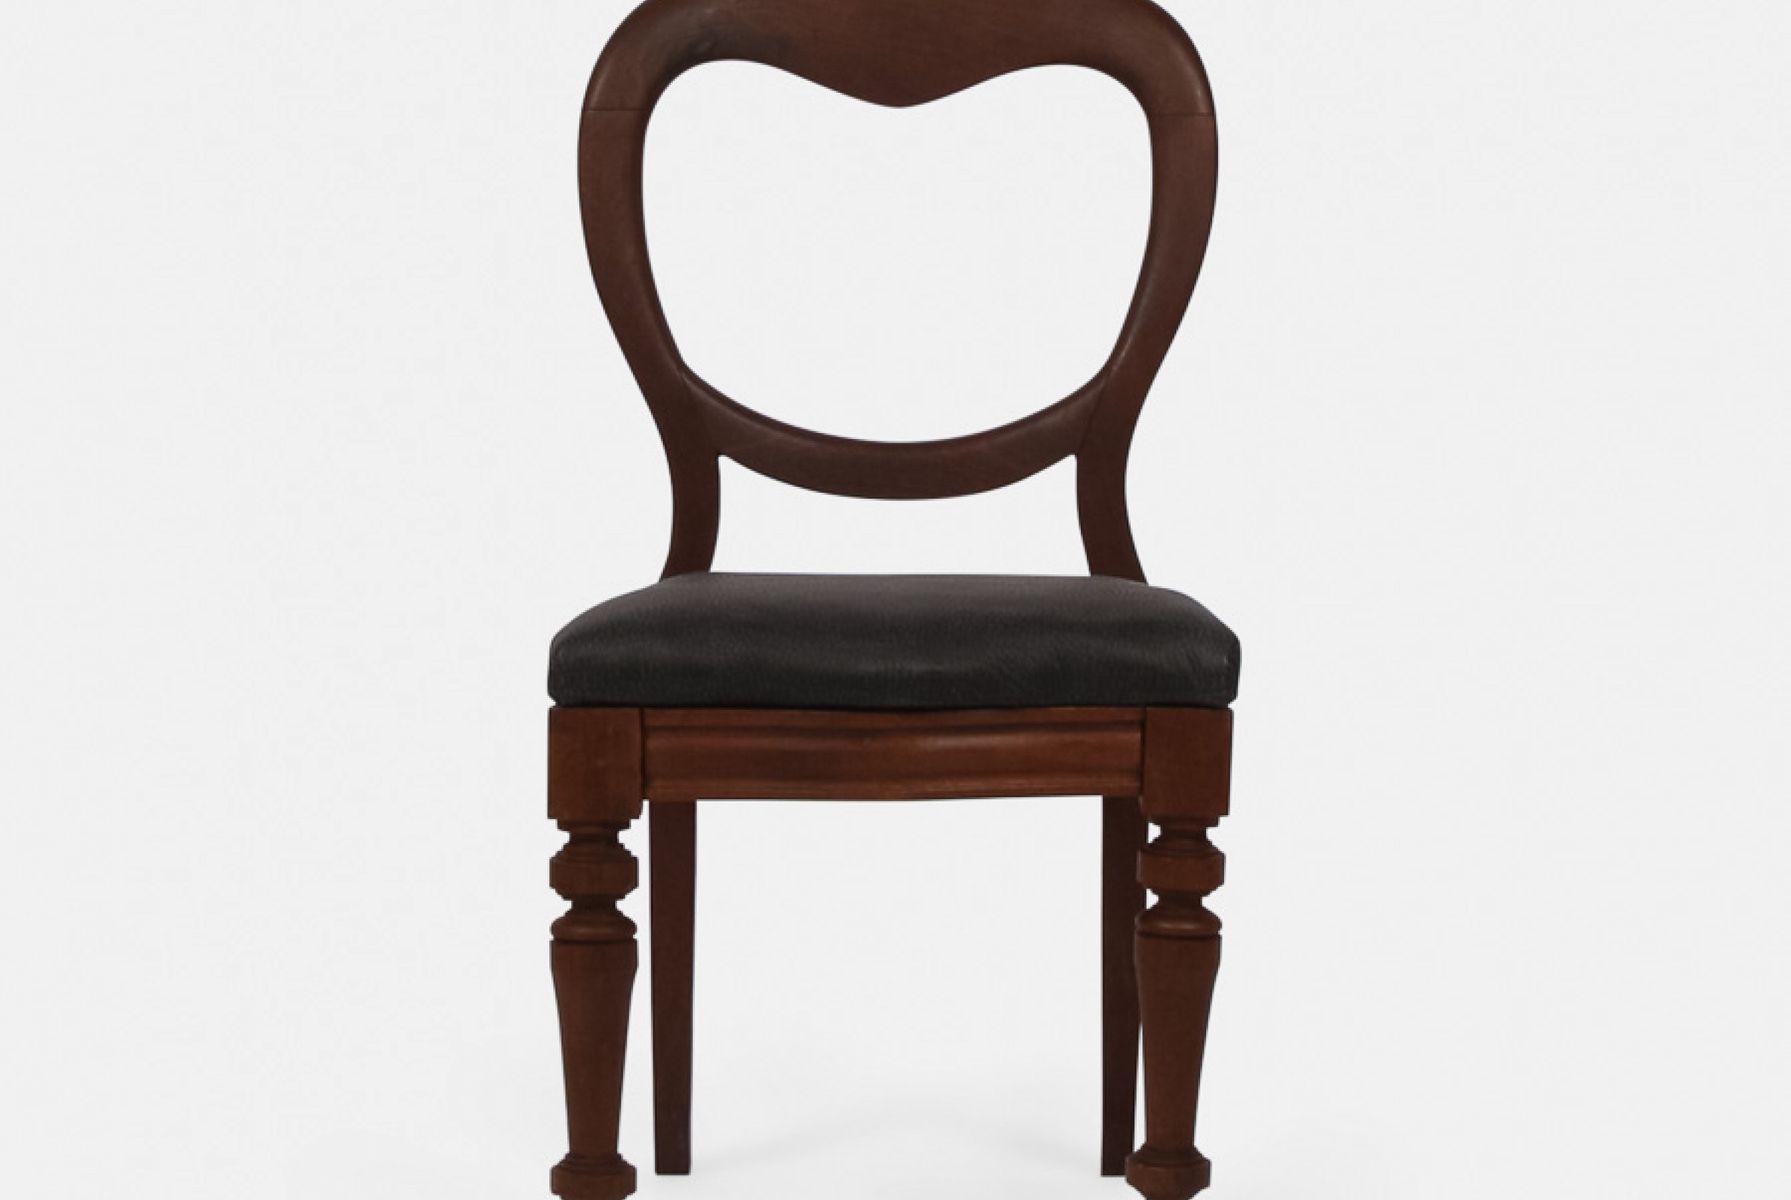 Sillas de comedor antiguas de caoba con asientos de cuero. Juego de ...